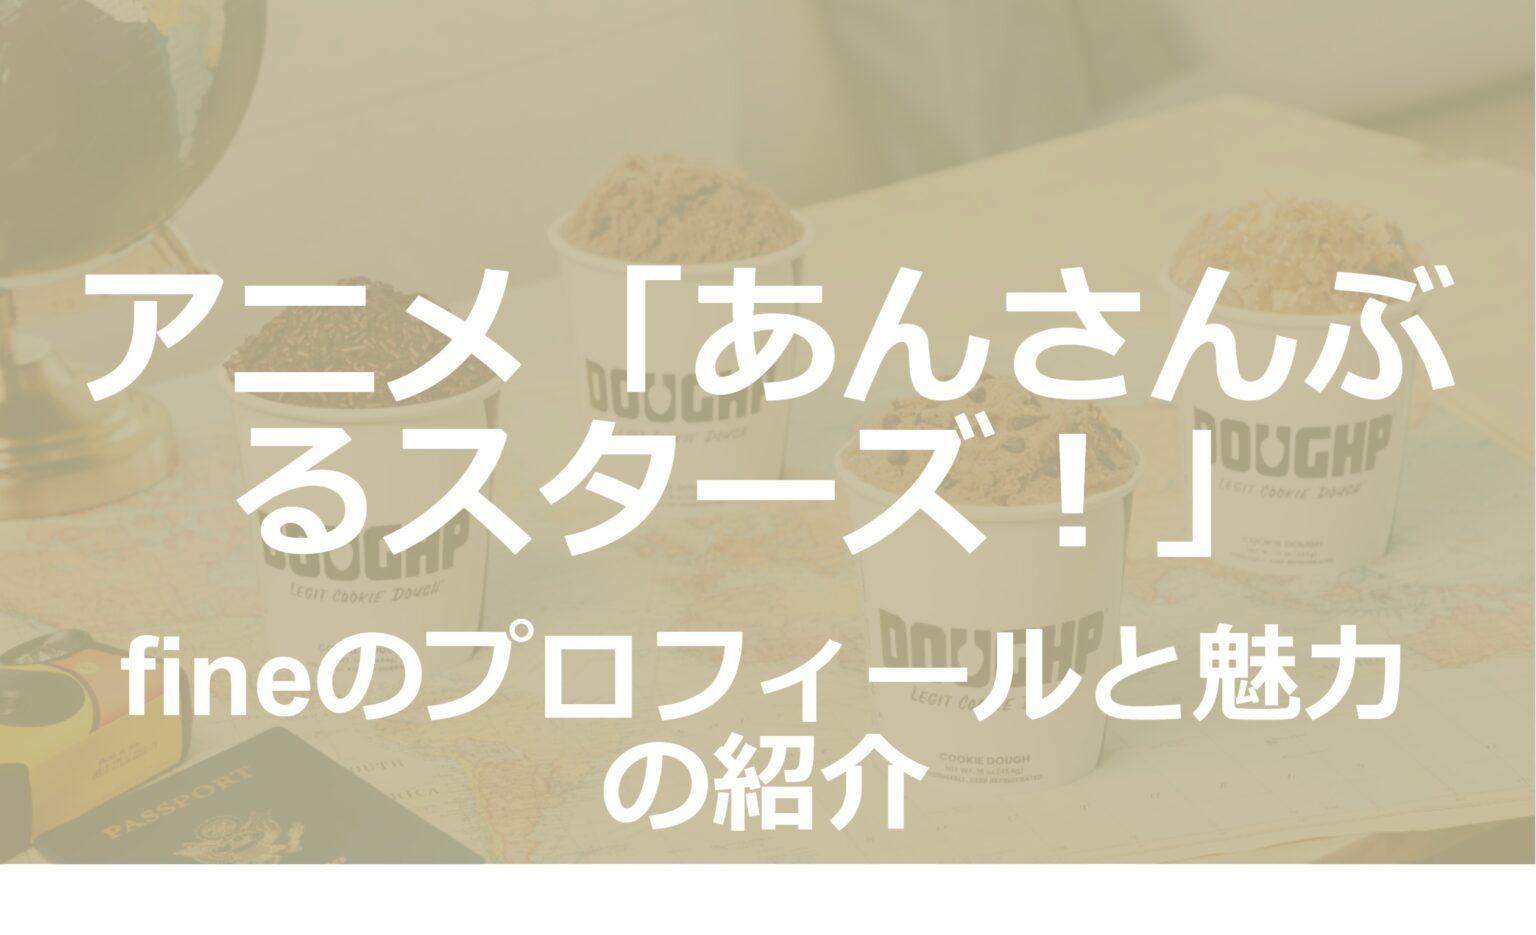 絶対王者のユニット「fine」のメンバーのプロフィールや魅力をアニメ「あんさんぶるスターズ!」の内容を基準に紹介!